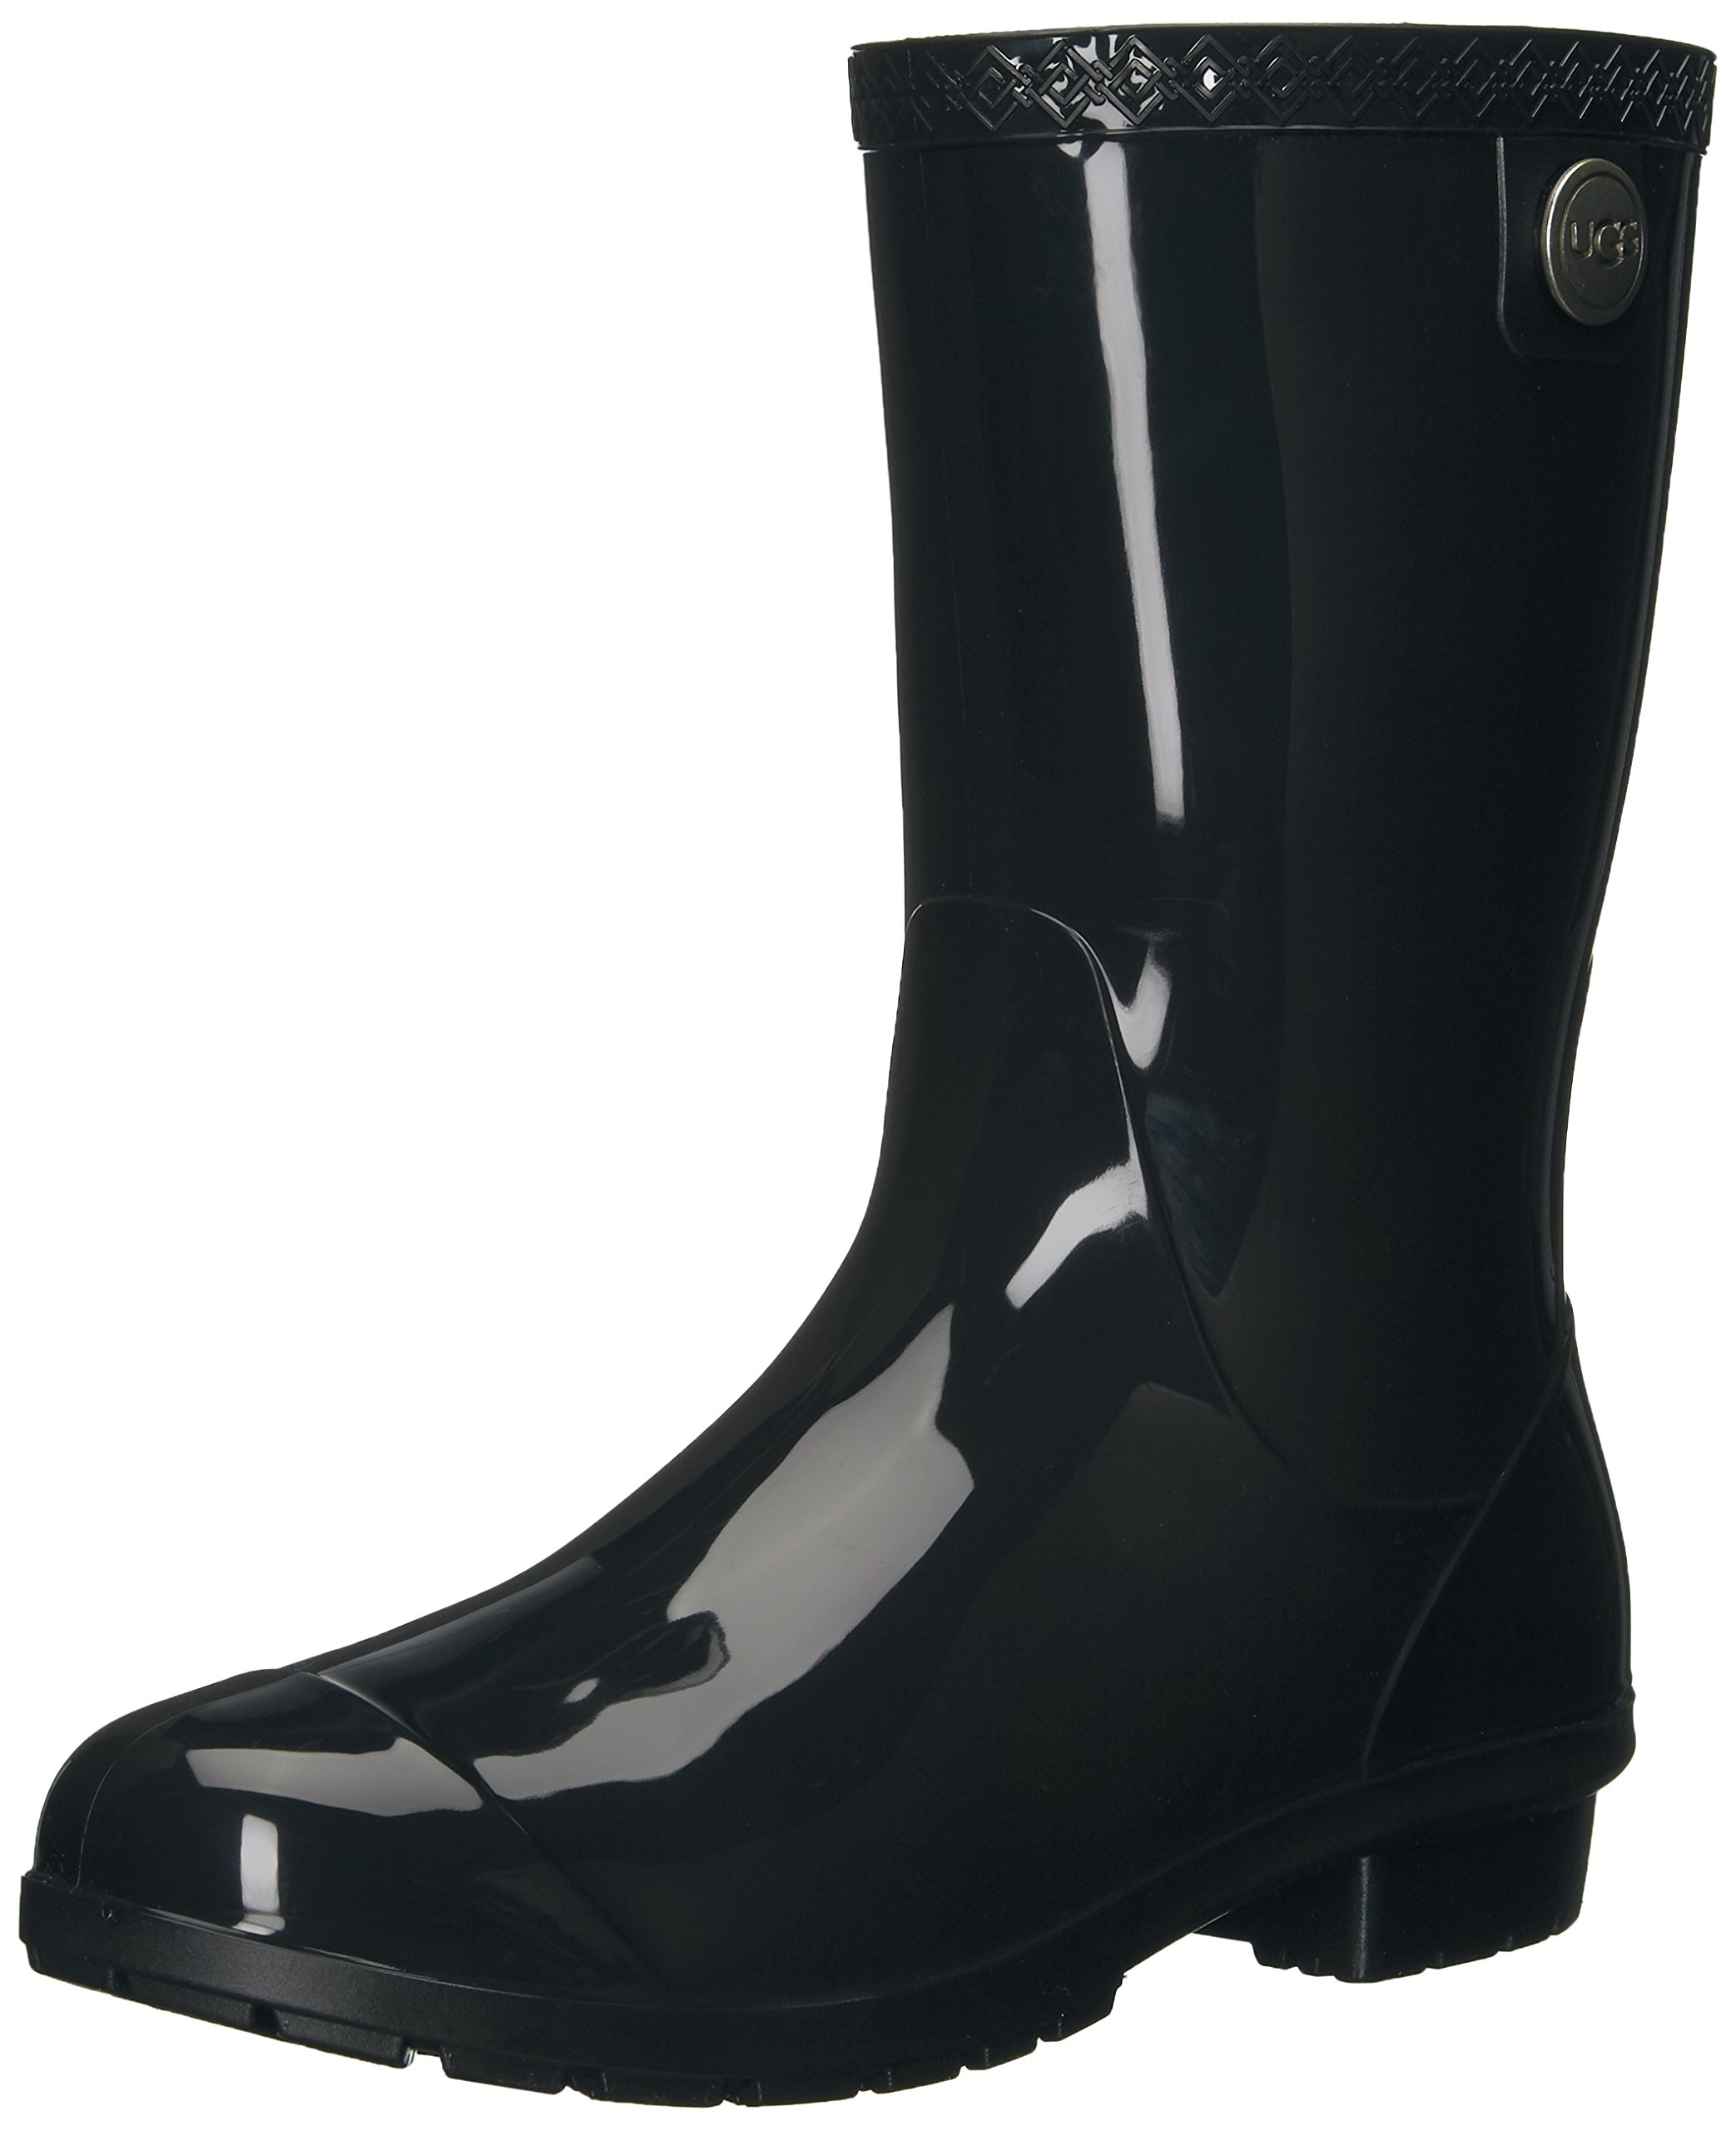 UGG Women's Sienna Rain Boot, Black, 7 B US